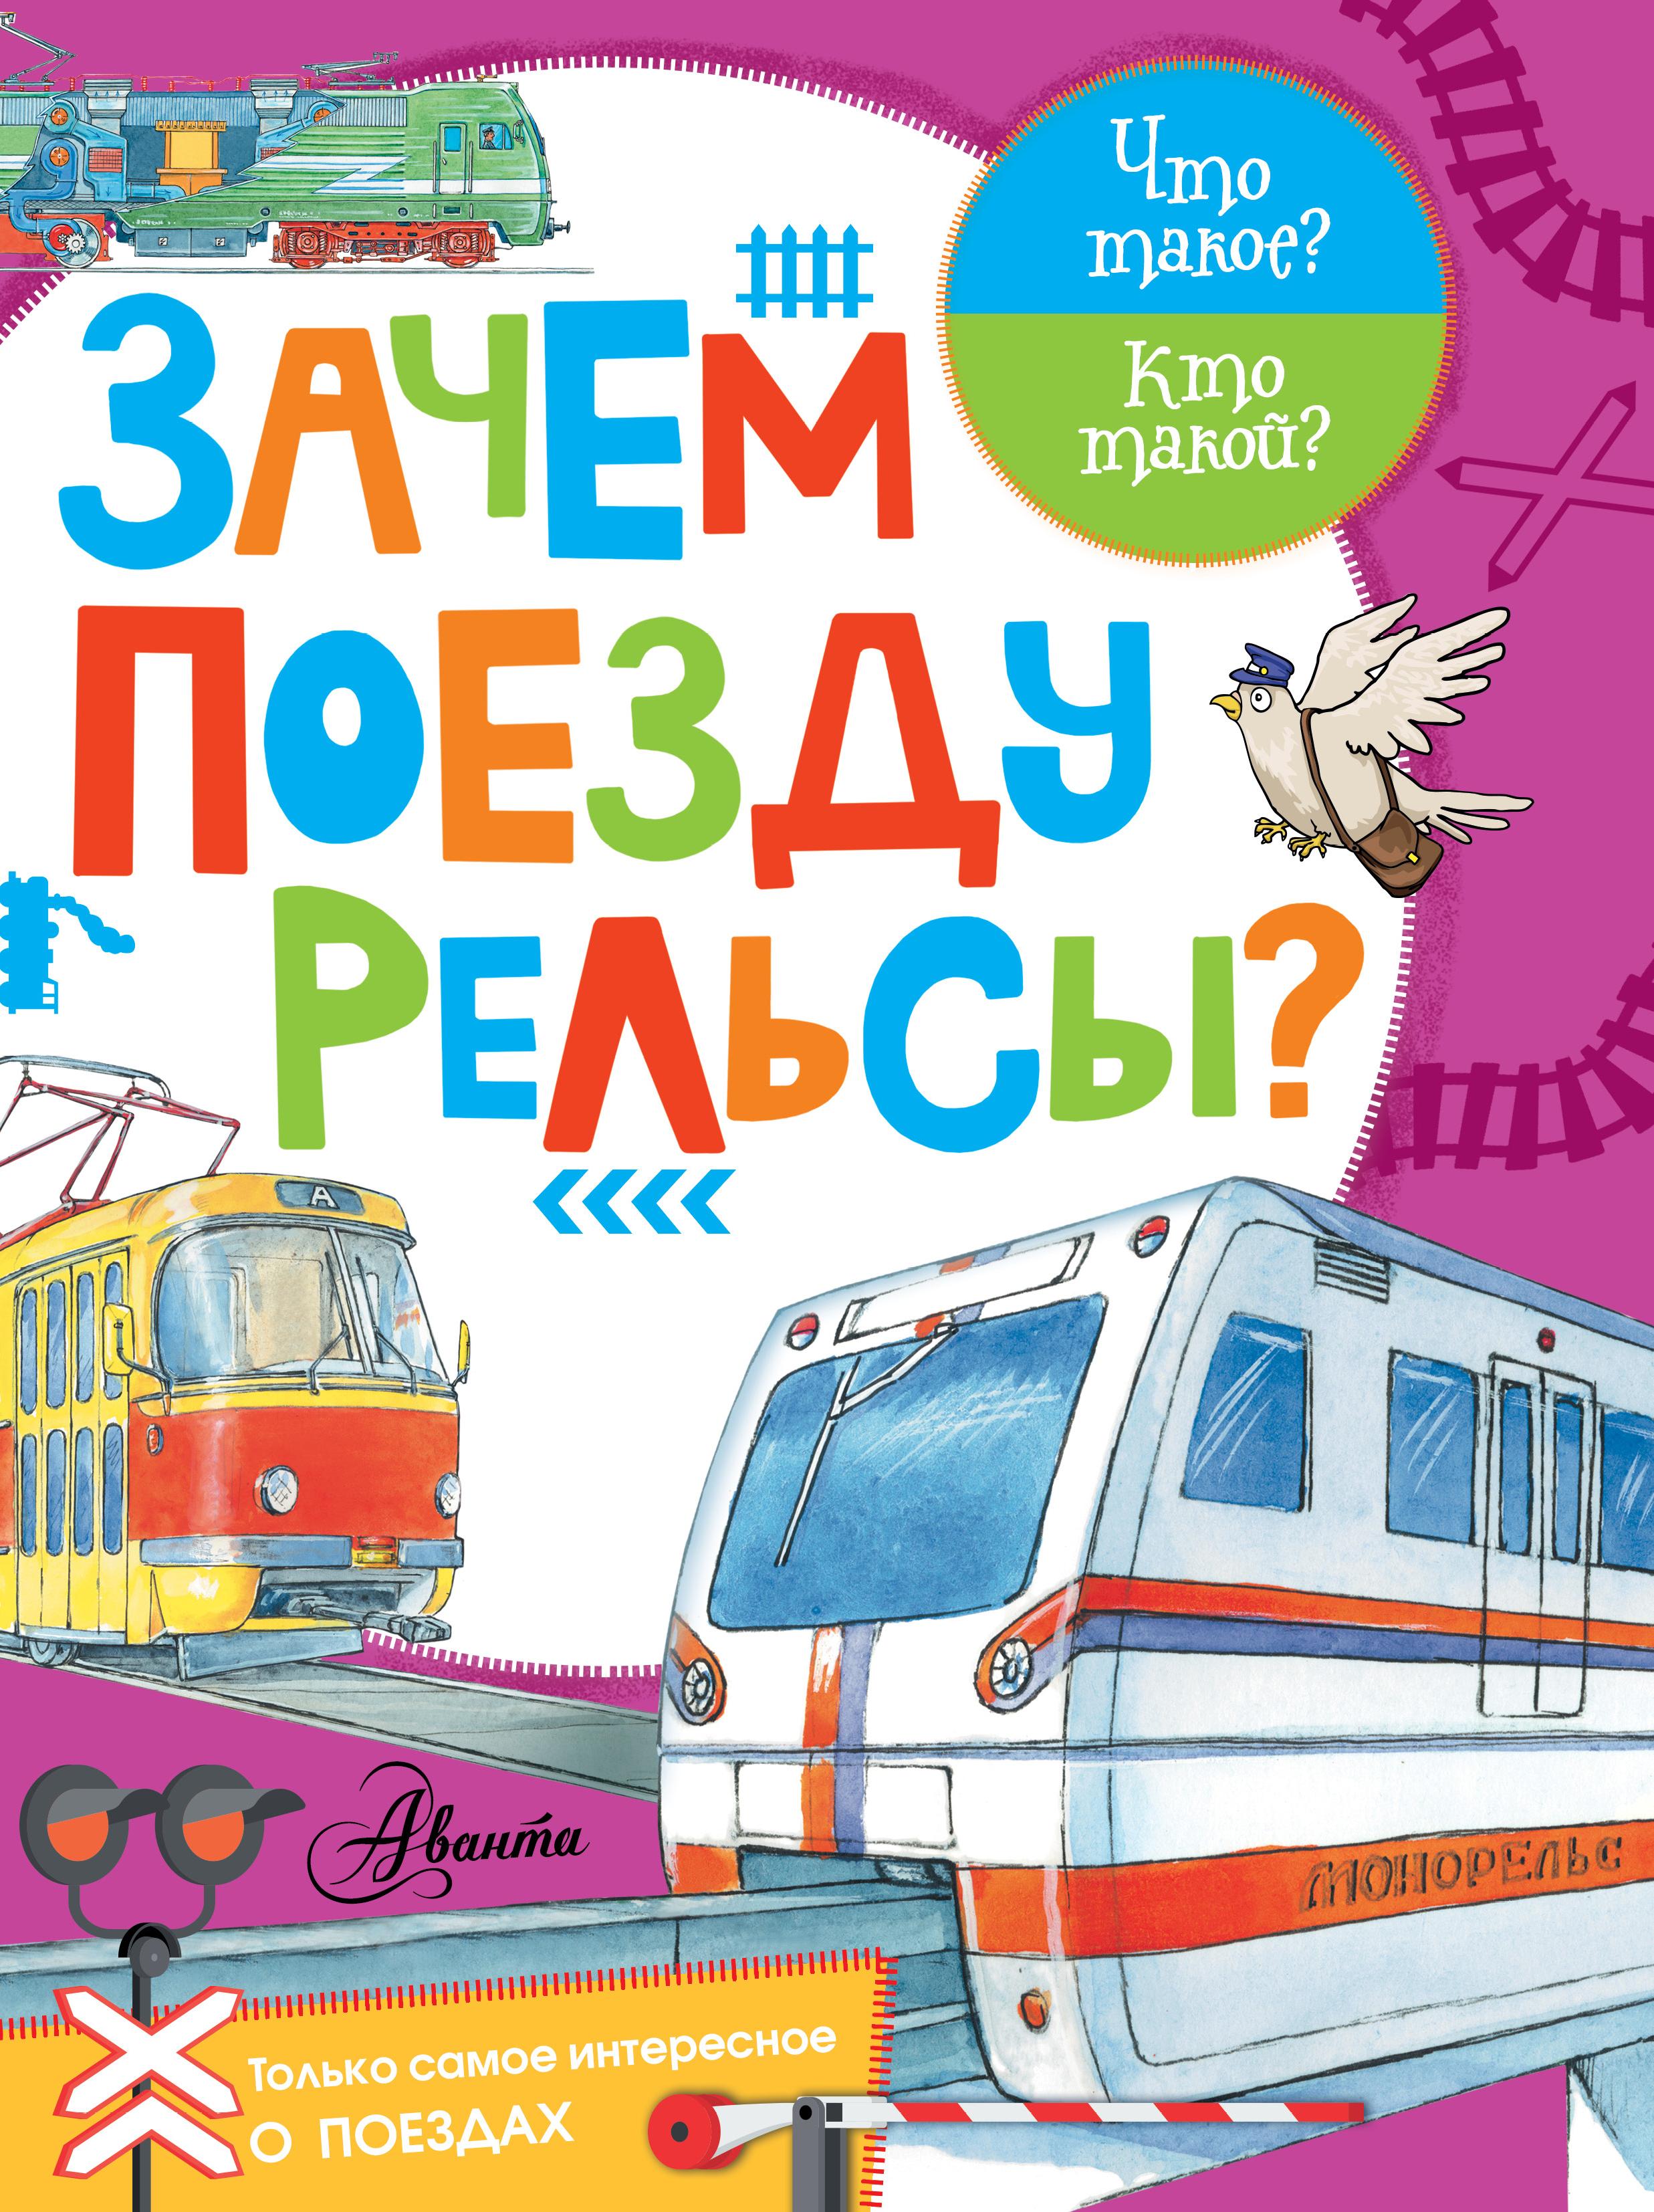 Зачем поезду рельсы?